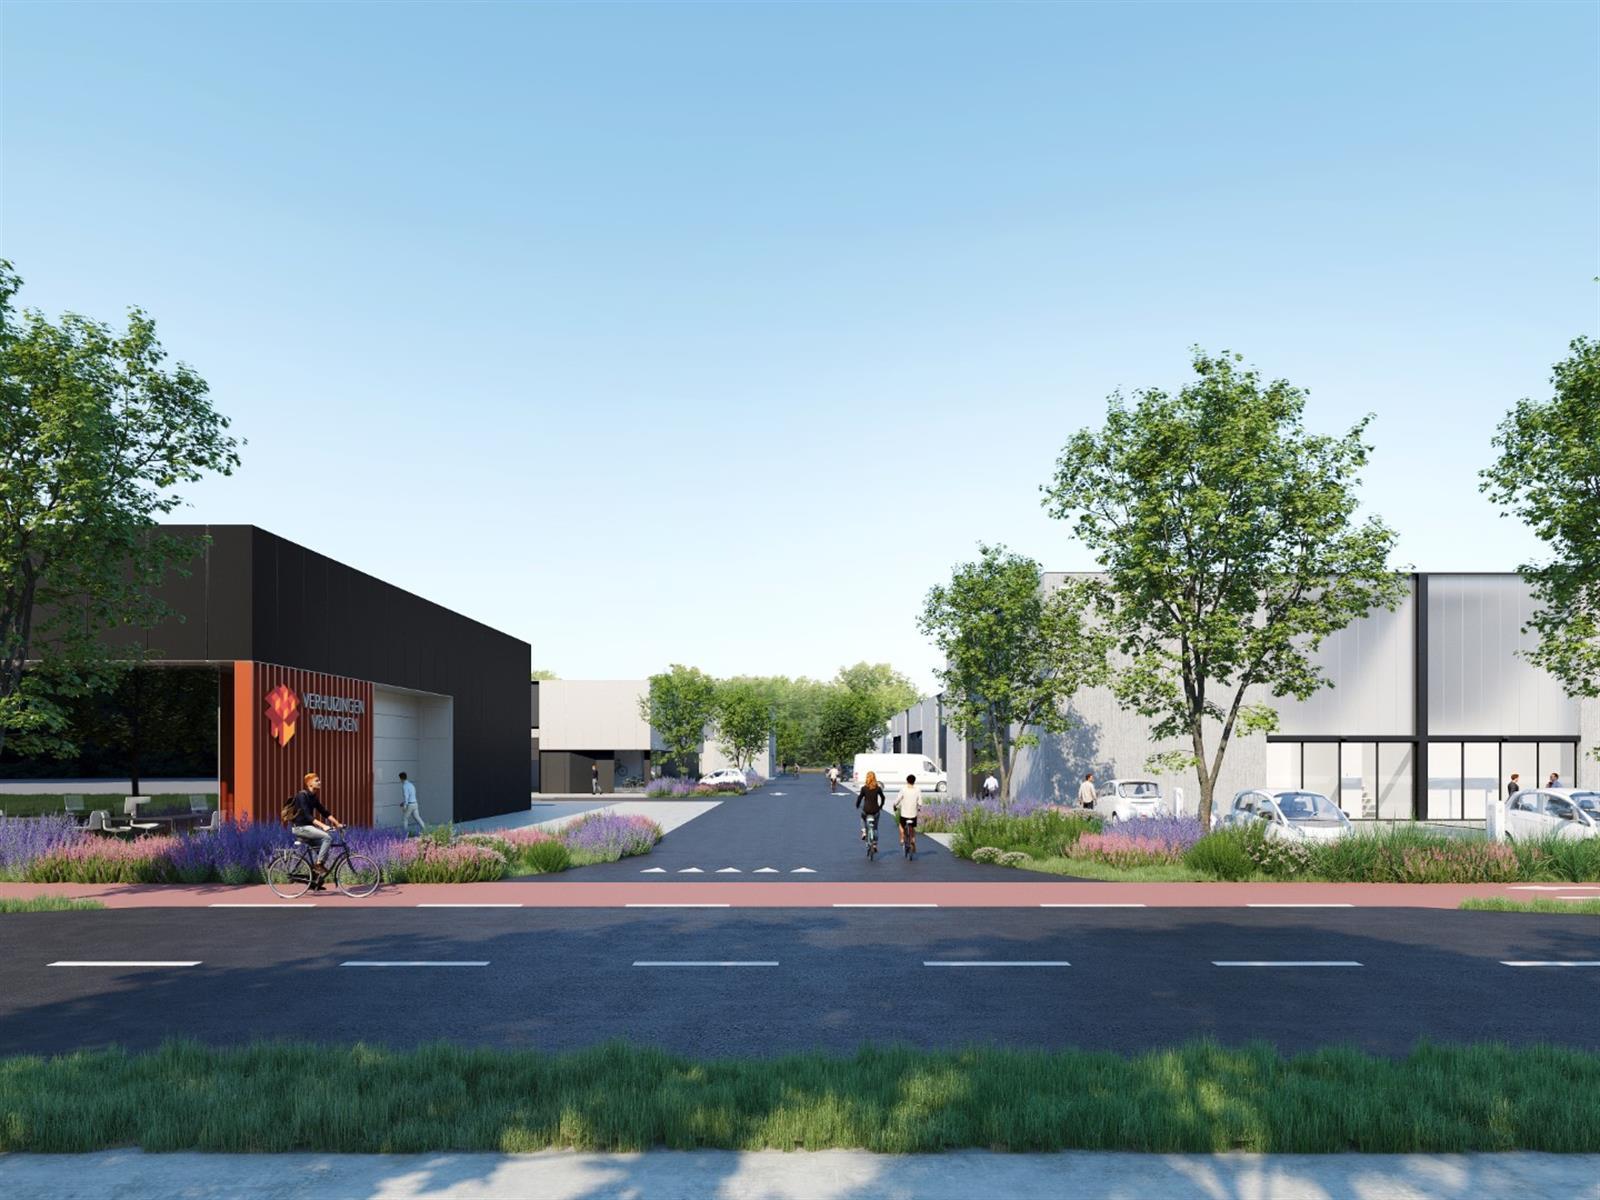 KMO-unit te koop Heros Businesspark KMO Unit 7 - Herkenrodesingel 10, 3500 Hasselt, België 1